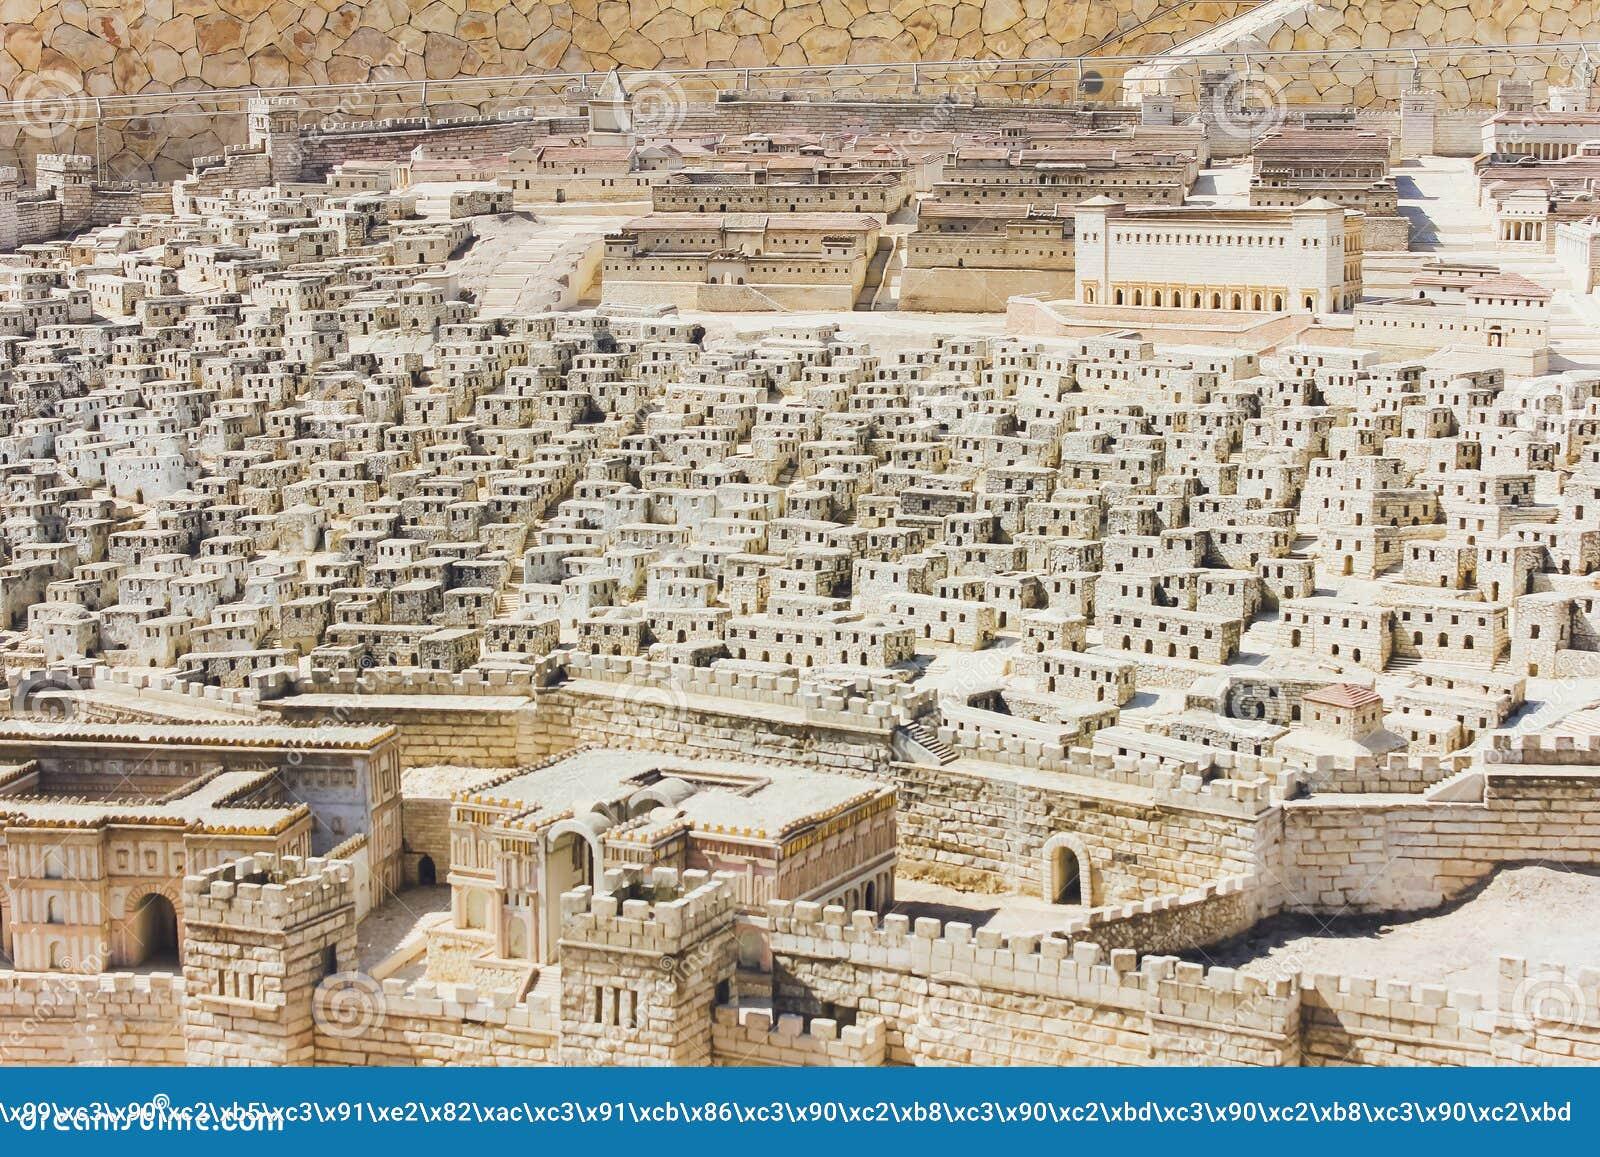 JERUSALÉM, ISRAEL - 13 DE OUTUBRO DE 2018: O modelo do Jerusalém no segundo período do templo